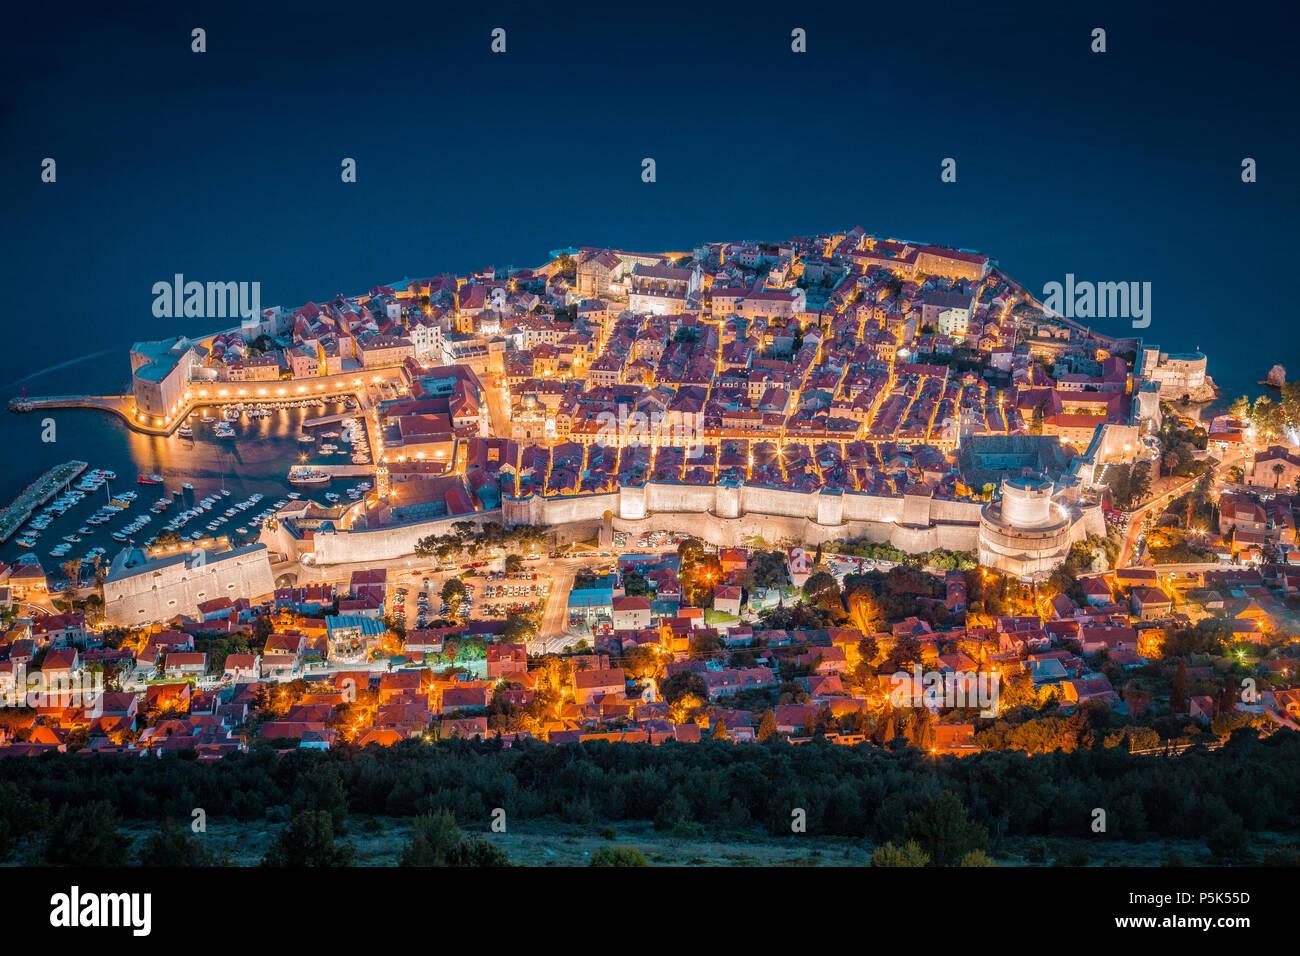 Vue panoramique vue aérienne de la ville historique de Dubrovnik, l'une des plus célèbres destinations touristiques de la Méditerranée, dans un beau soir tw Photo Stock